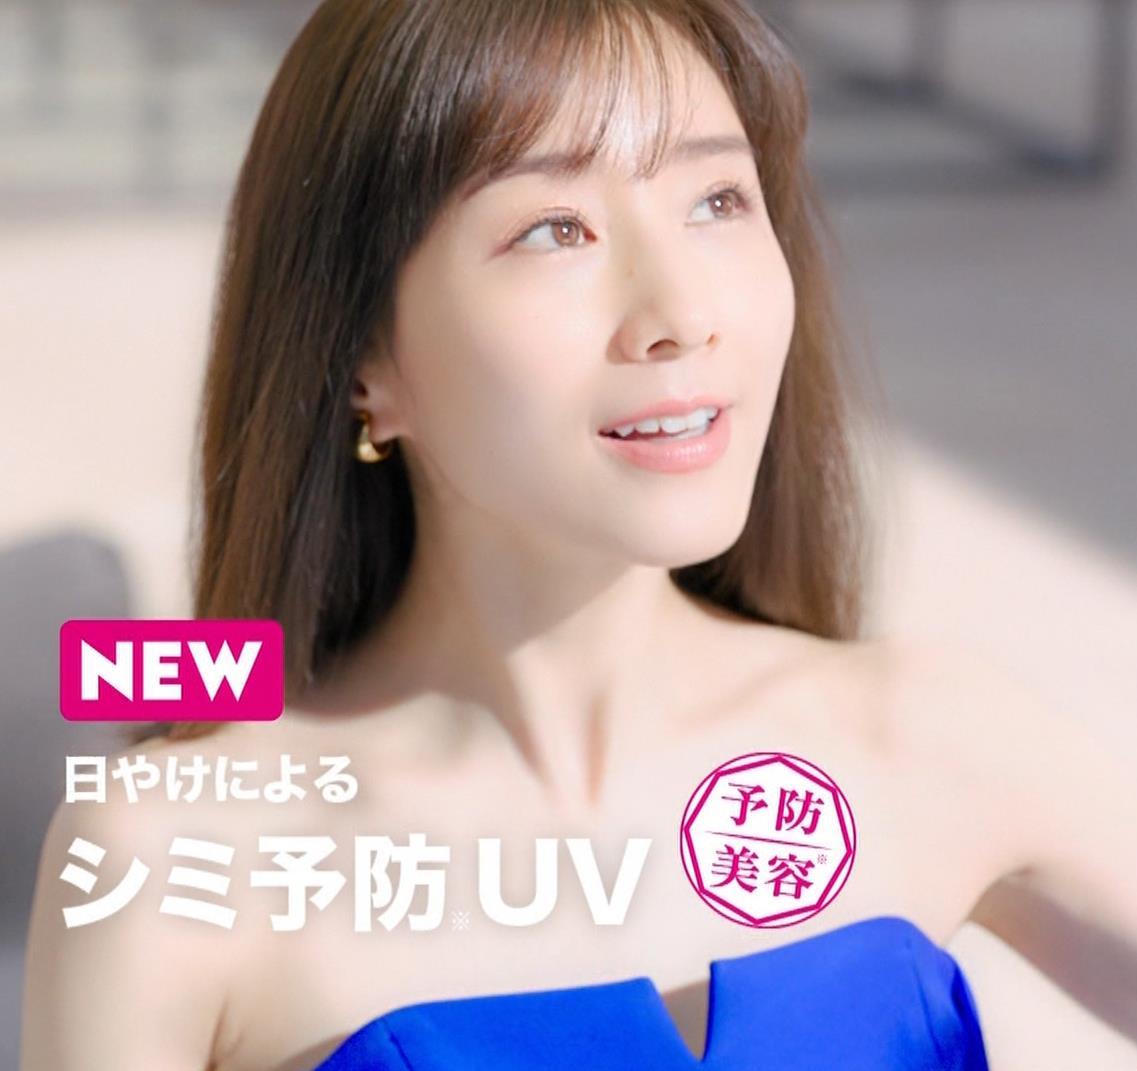 田中みな実 肌が露出しまくりドレスのCMキャプ・エロ画像9